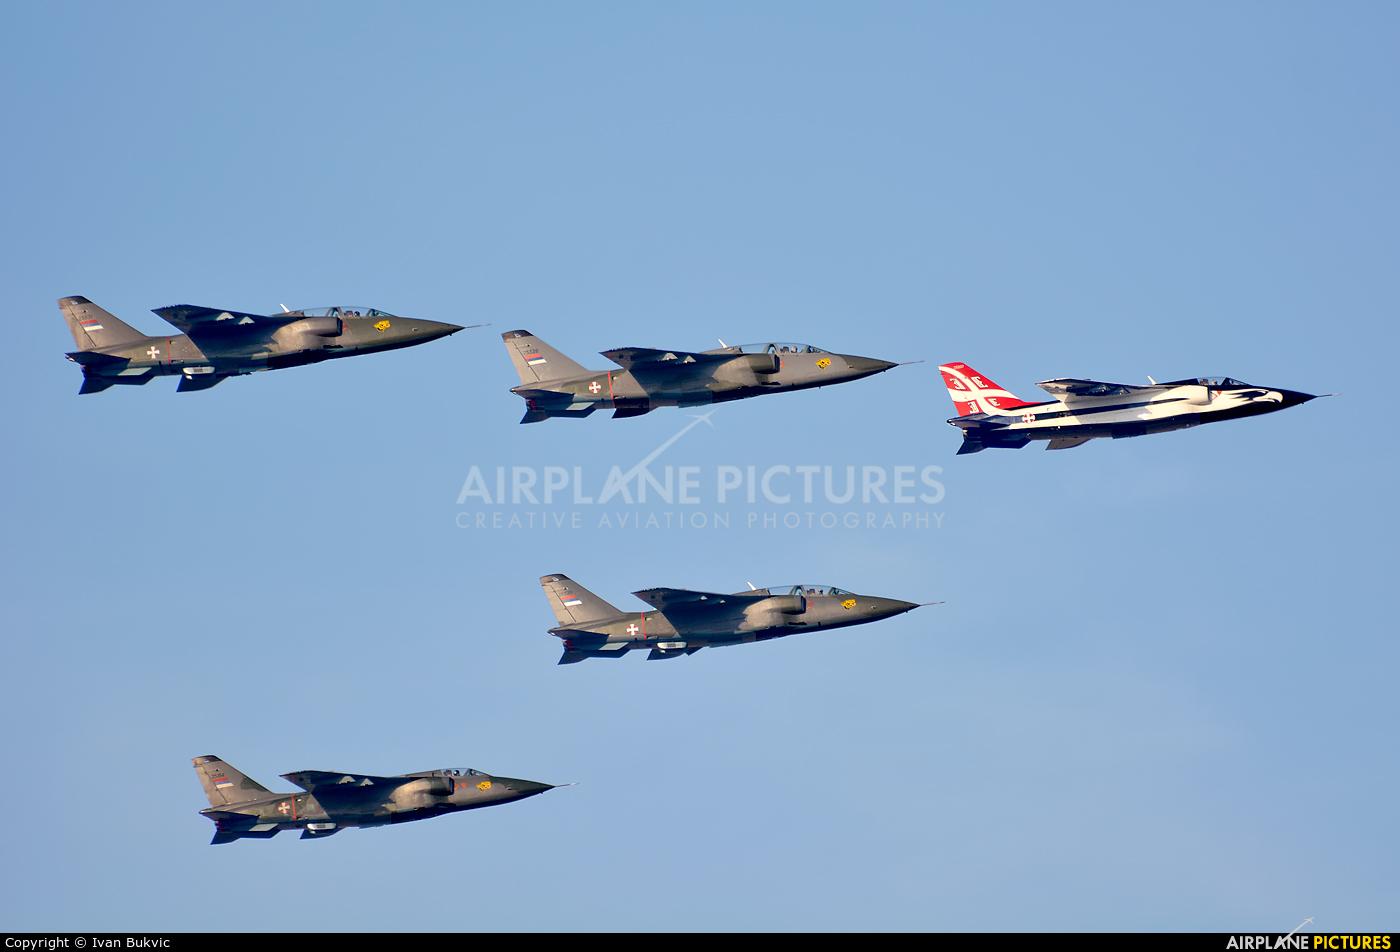 Serbia - Air Force 25207 aircraft at Batajnica